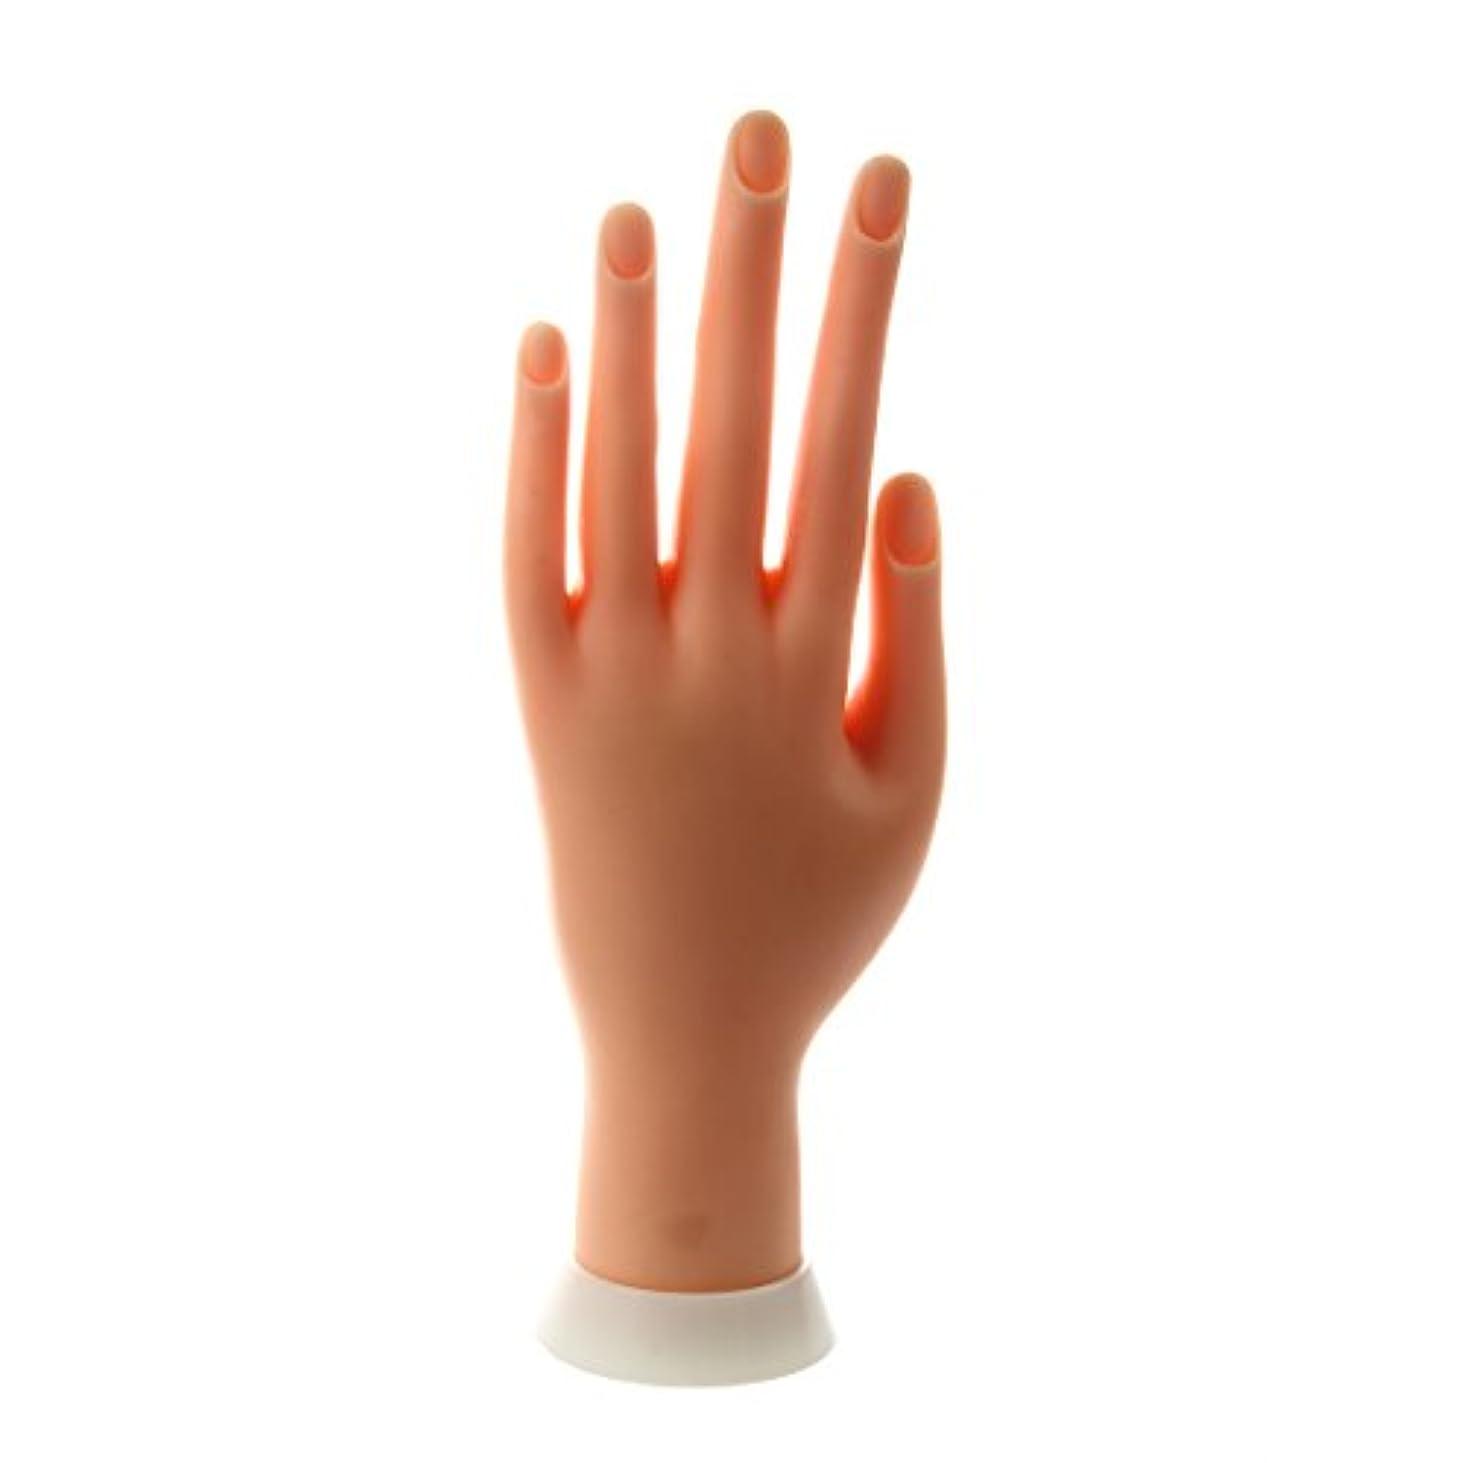 入場料アルカイック交じるSODIAL(R) ネイルアートの練習のためのモデル左手